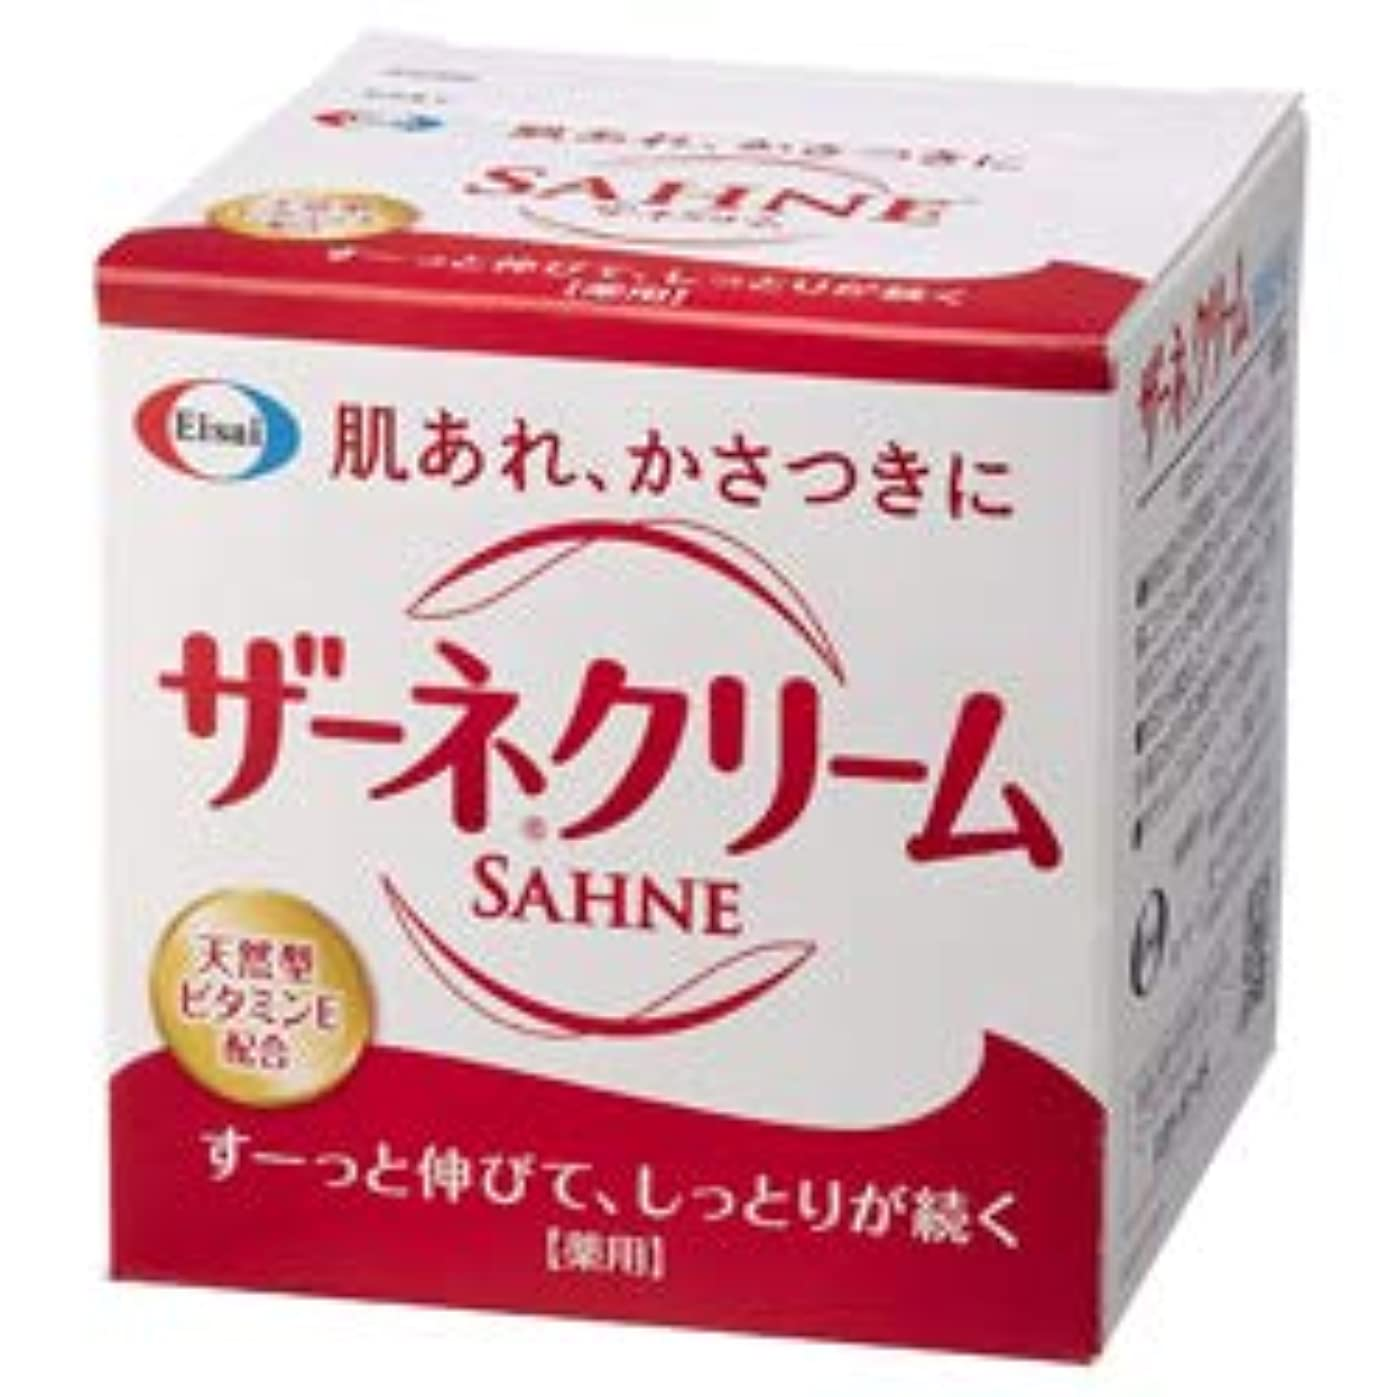 シネマかける期待【エーザイ】ザーネクリーム 100g(医薬部外品) ×2個セット